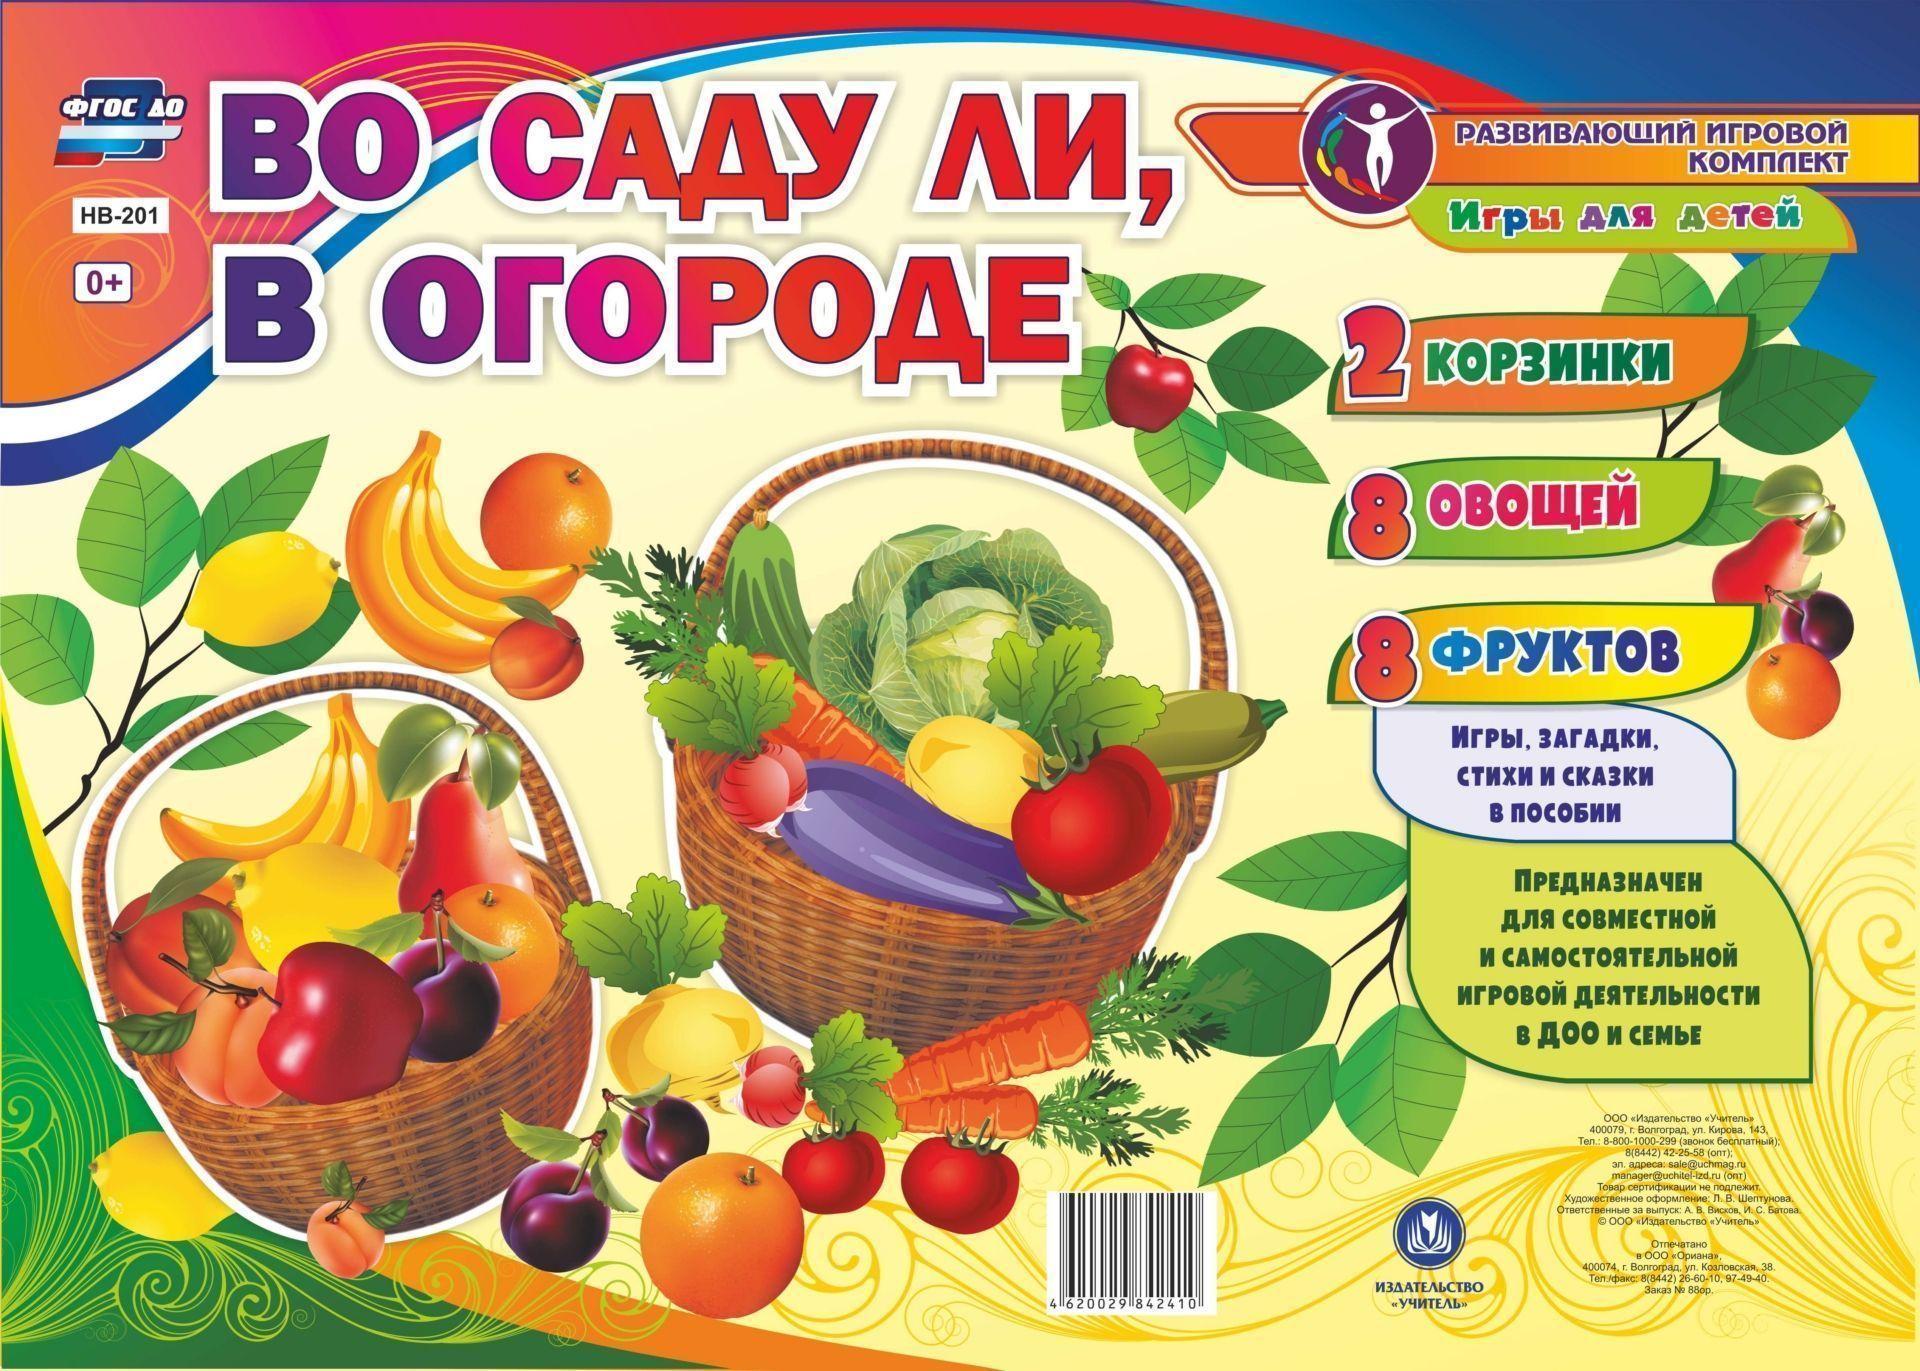 Дидактический обучающий комплект. Игры для детей Во саду ли, в огороде: 2 корзины, 8 овощей, 8 фруктовВоспитателю ДОО<br>Дидактический обучающий комплект включает игровой набор (2 корзинки, 8 овощей, 8 фруктов) и методические рекомендации с описанием сопровождения образовательной деятельности педагога или родителей с детьми дошкольного возраста на основе содержания образова...<br><br>Авторы: Батова И.С.<br>Год: 2017<br>Серия: Развивающий игровой комплект<br>Высота: 460<br>Ширина: 320<br>Переплёт: набор